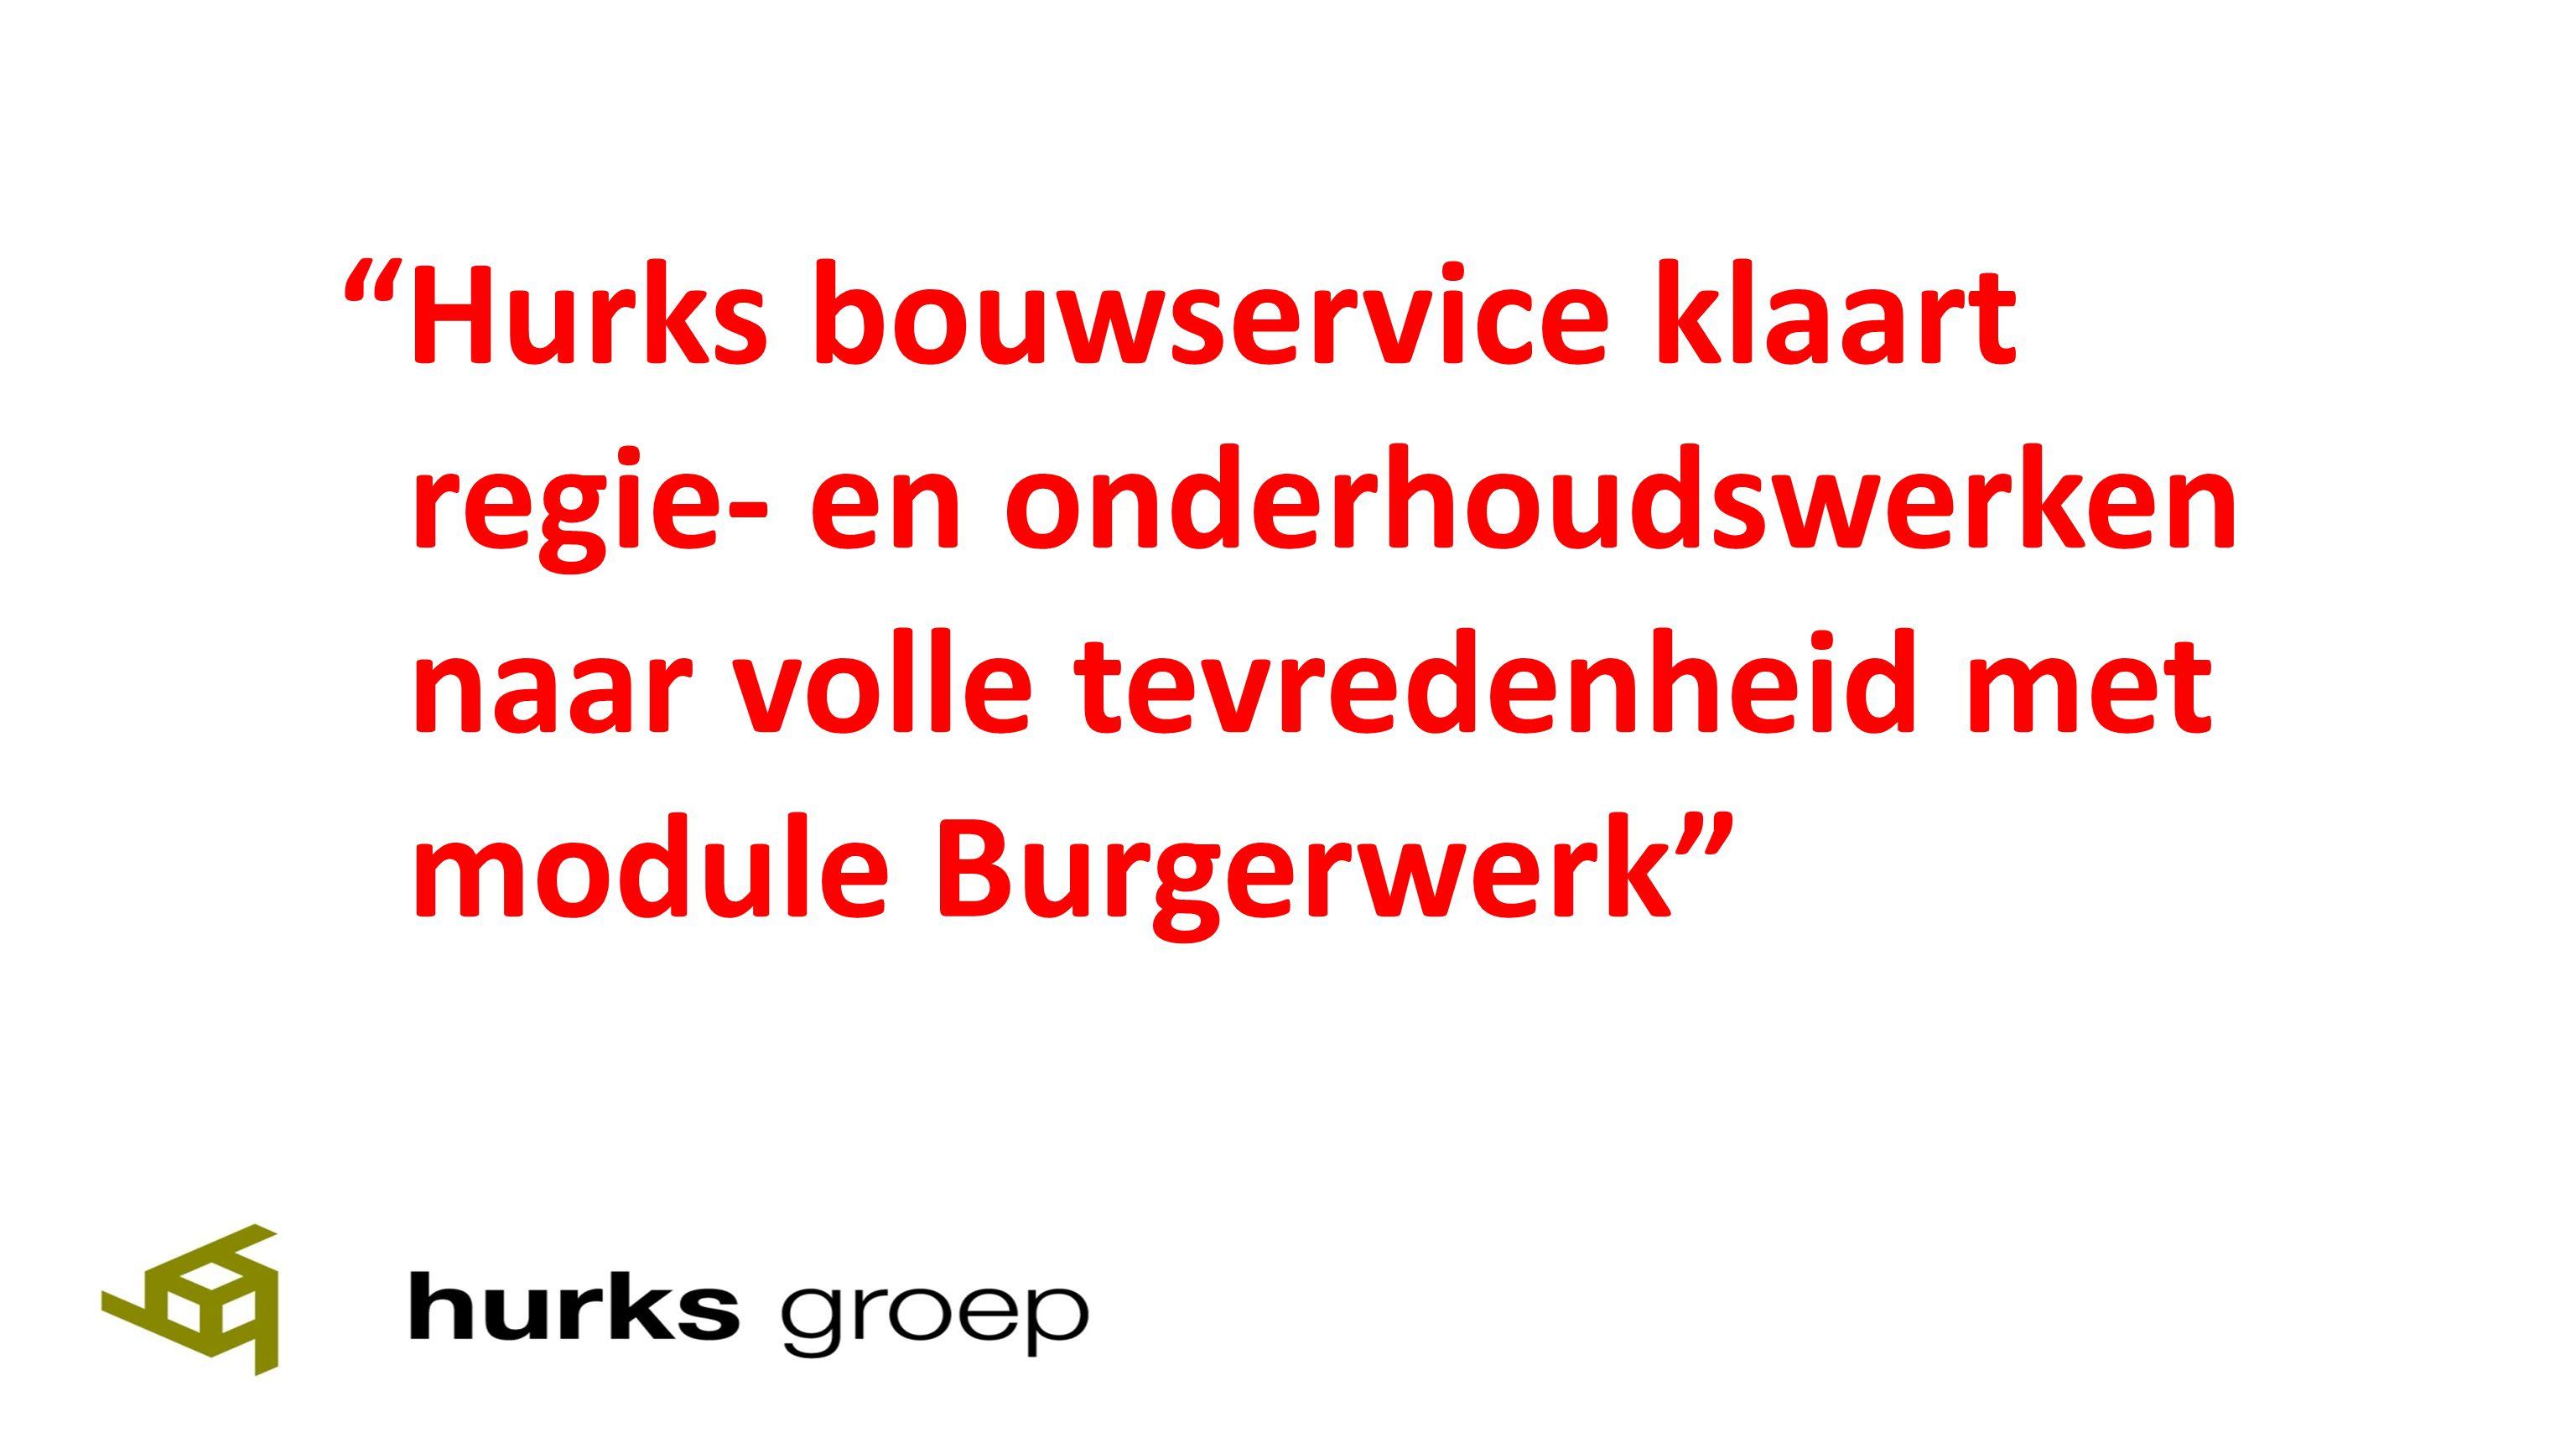 Hurks bouwservice klaart regie- en onderhoudswerken naar volle tevredenheid met module Burgerwerk